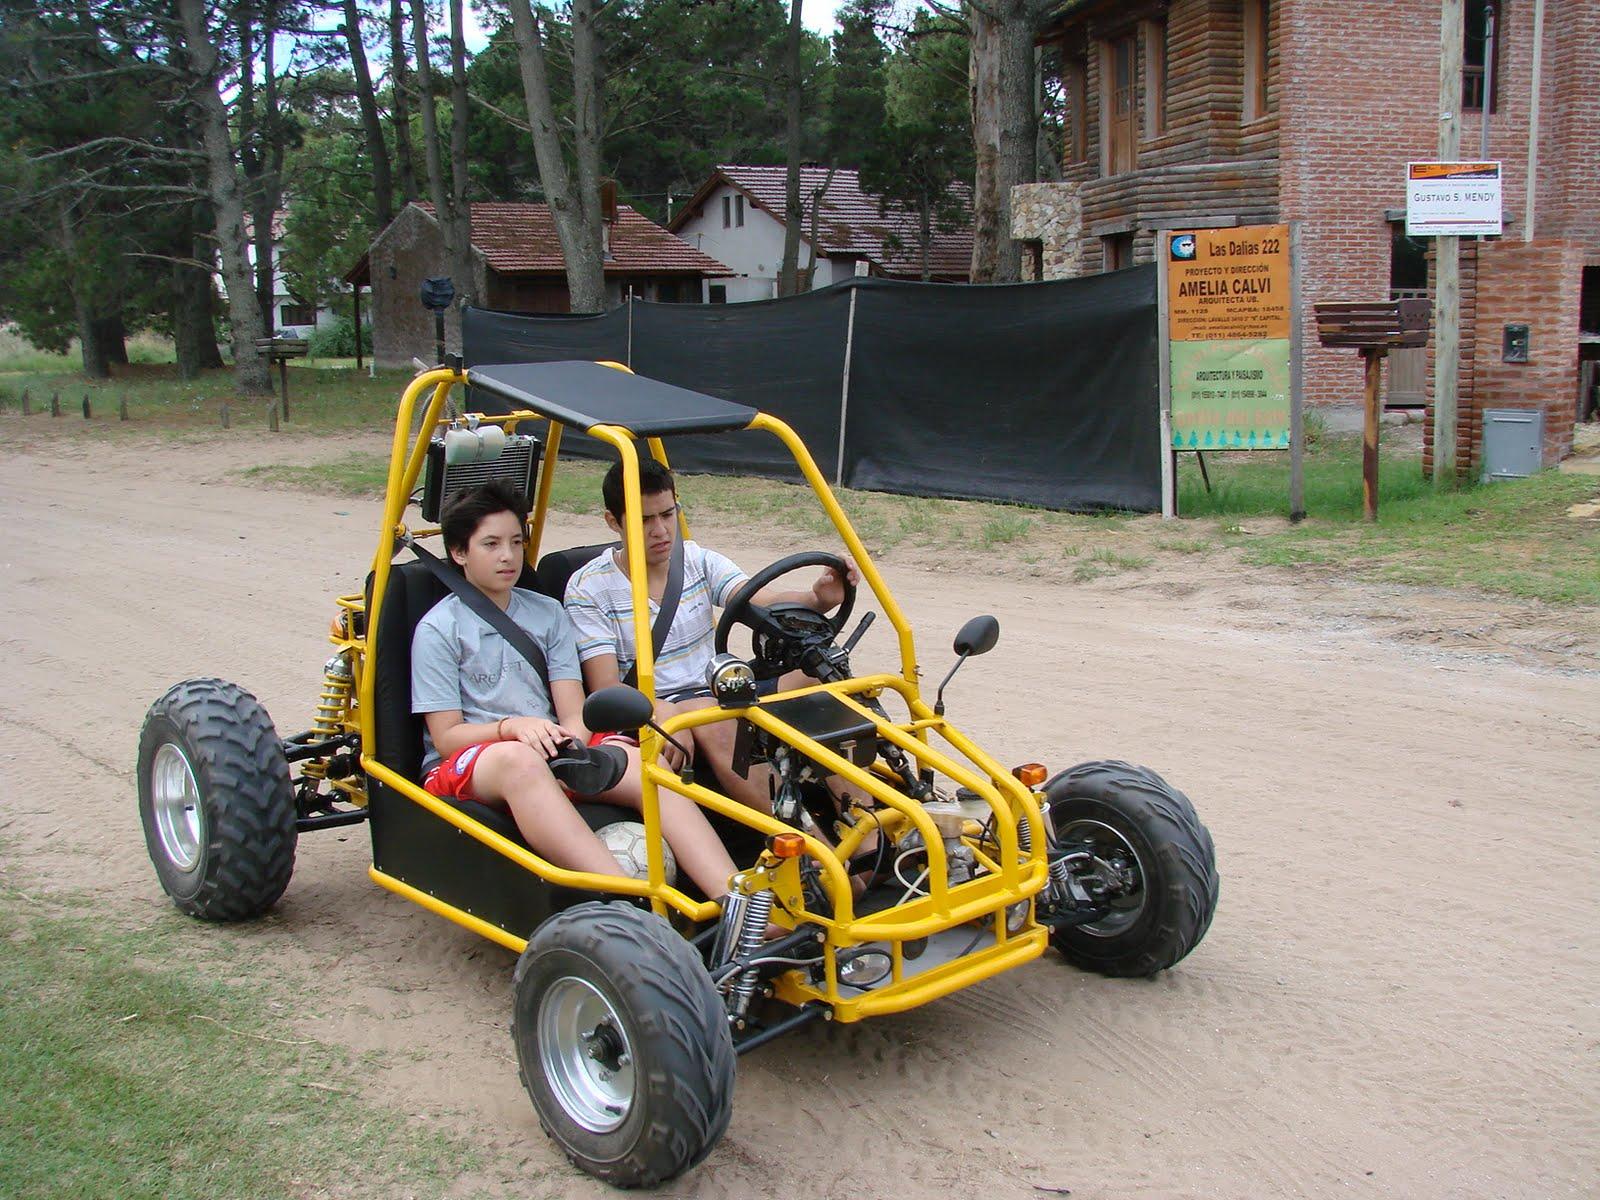 Magnífico Comprar Un Marco De Go Kart Patrón - Ideas Personalizadas ...